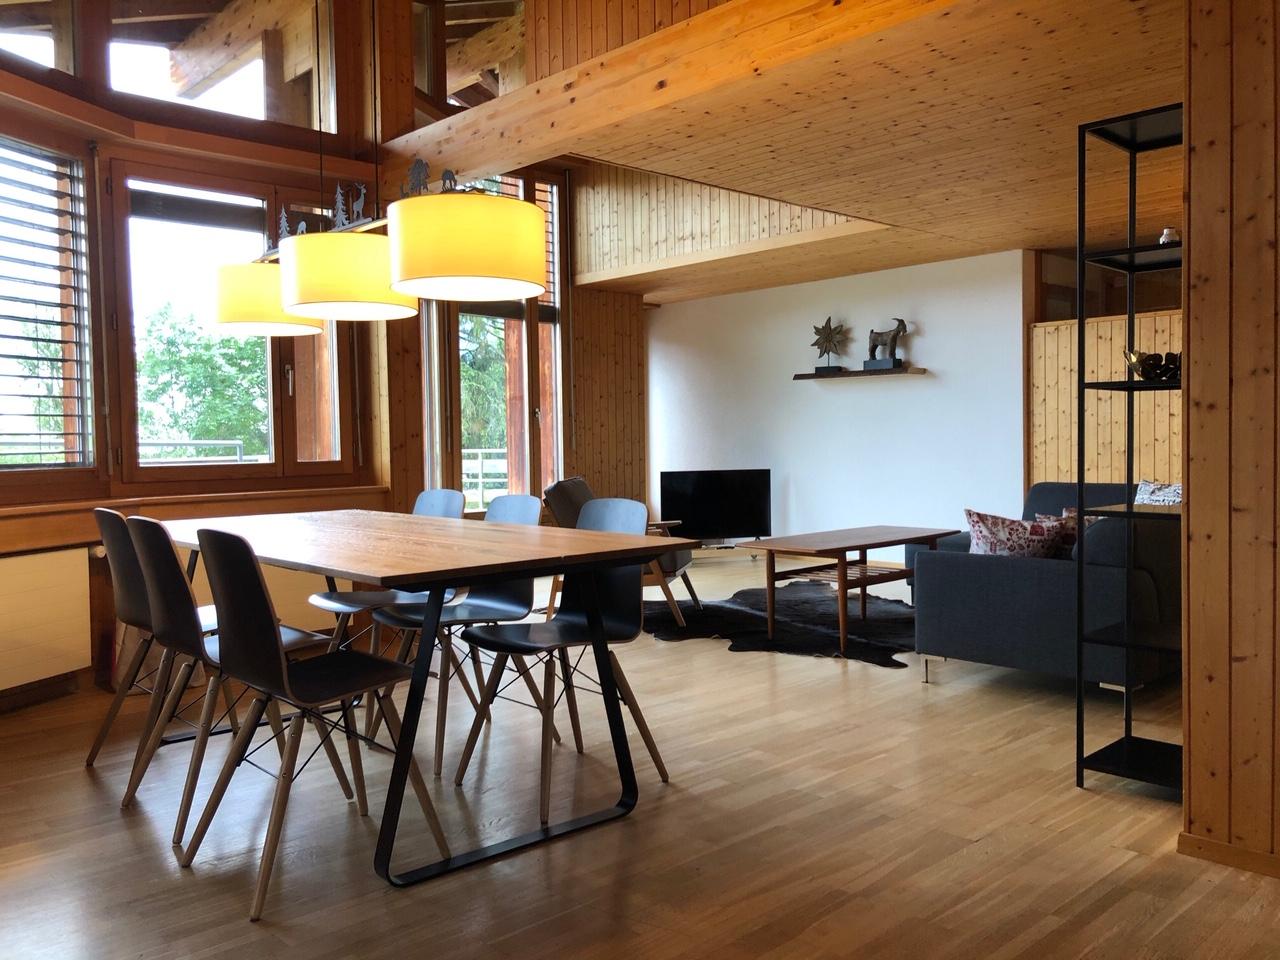 Neu eingerichtete Ferienwohnung für bis zu 6 Personen zu vermieten